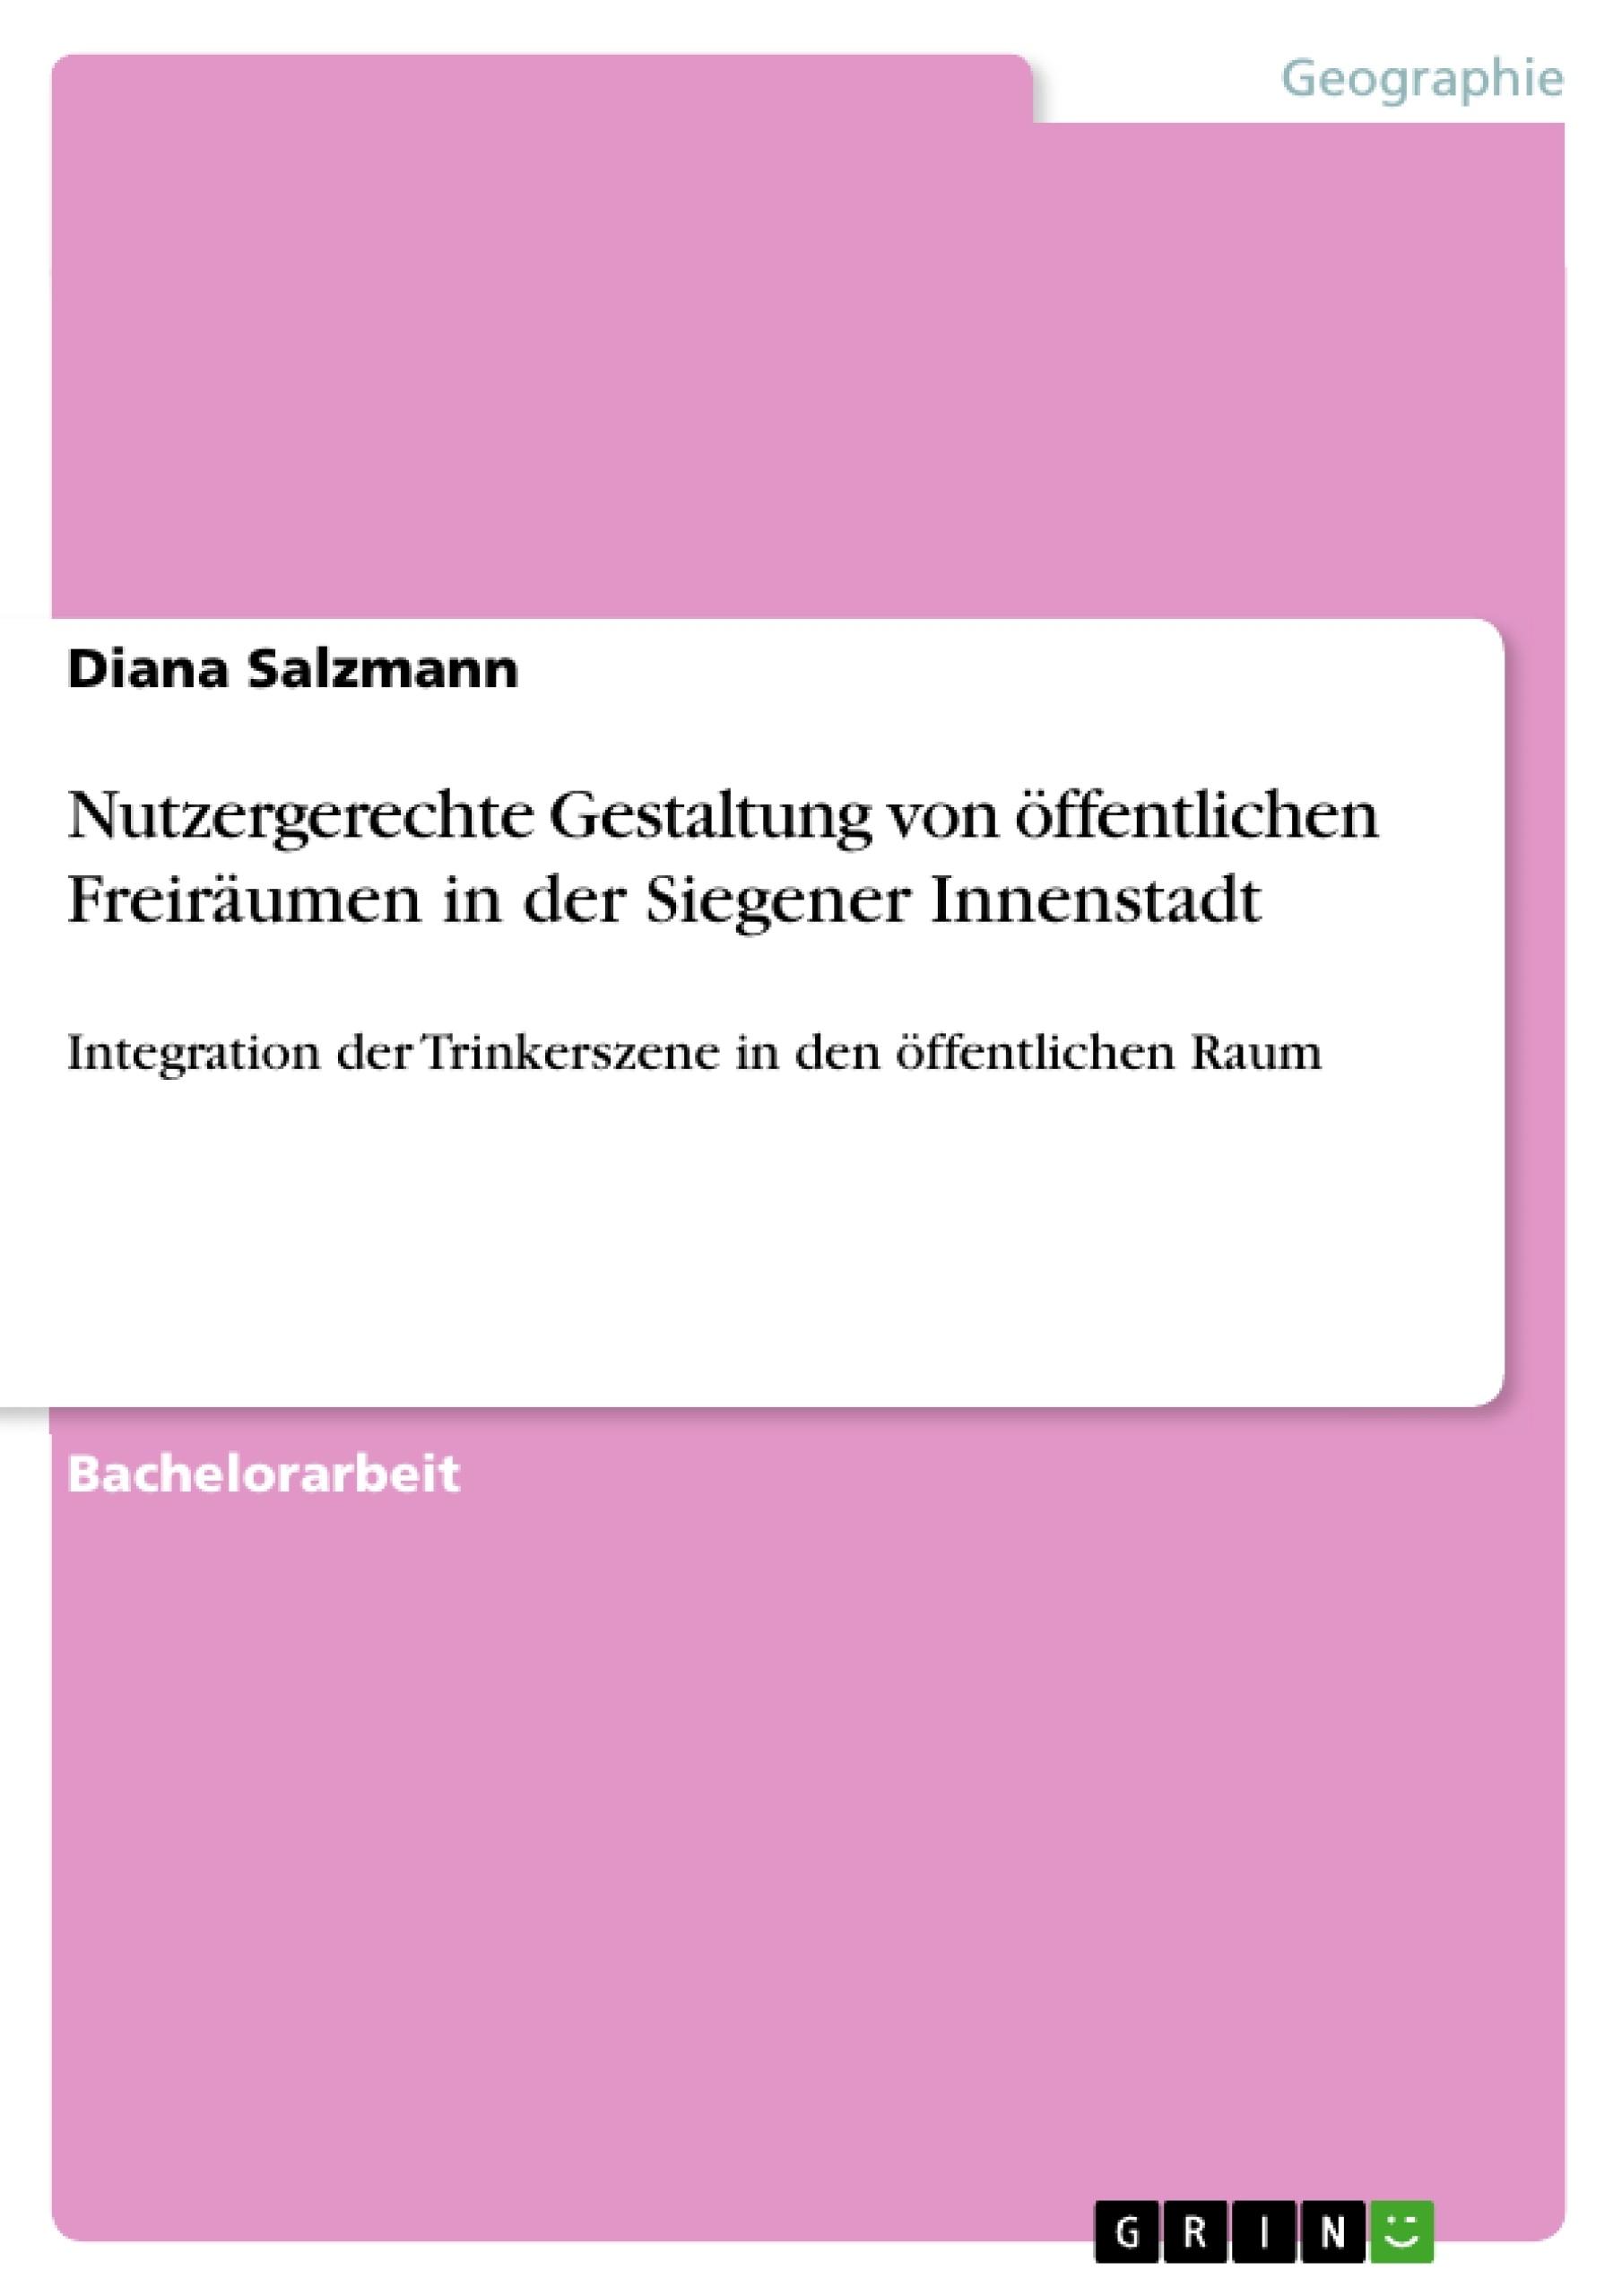 Titel: Nutzergerechte Gestaltung von öffentlichen Freiräumen in der Siegener Innenstadt